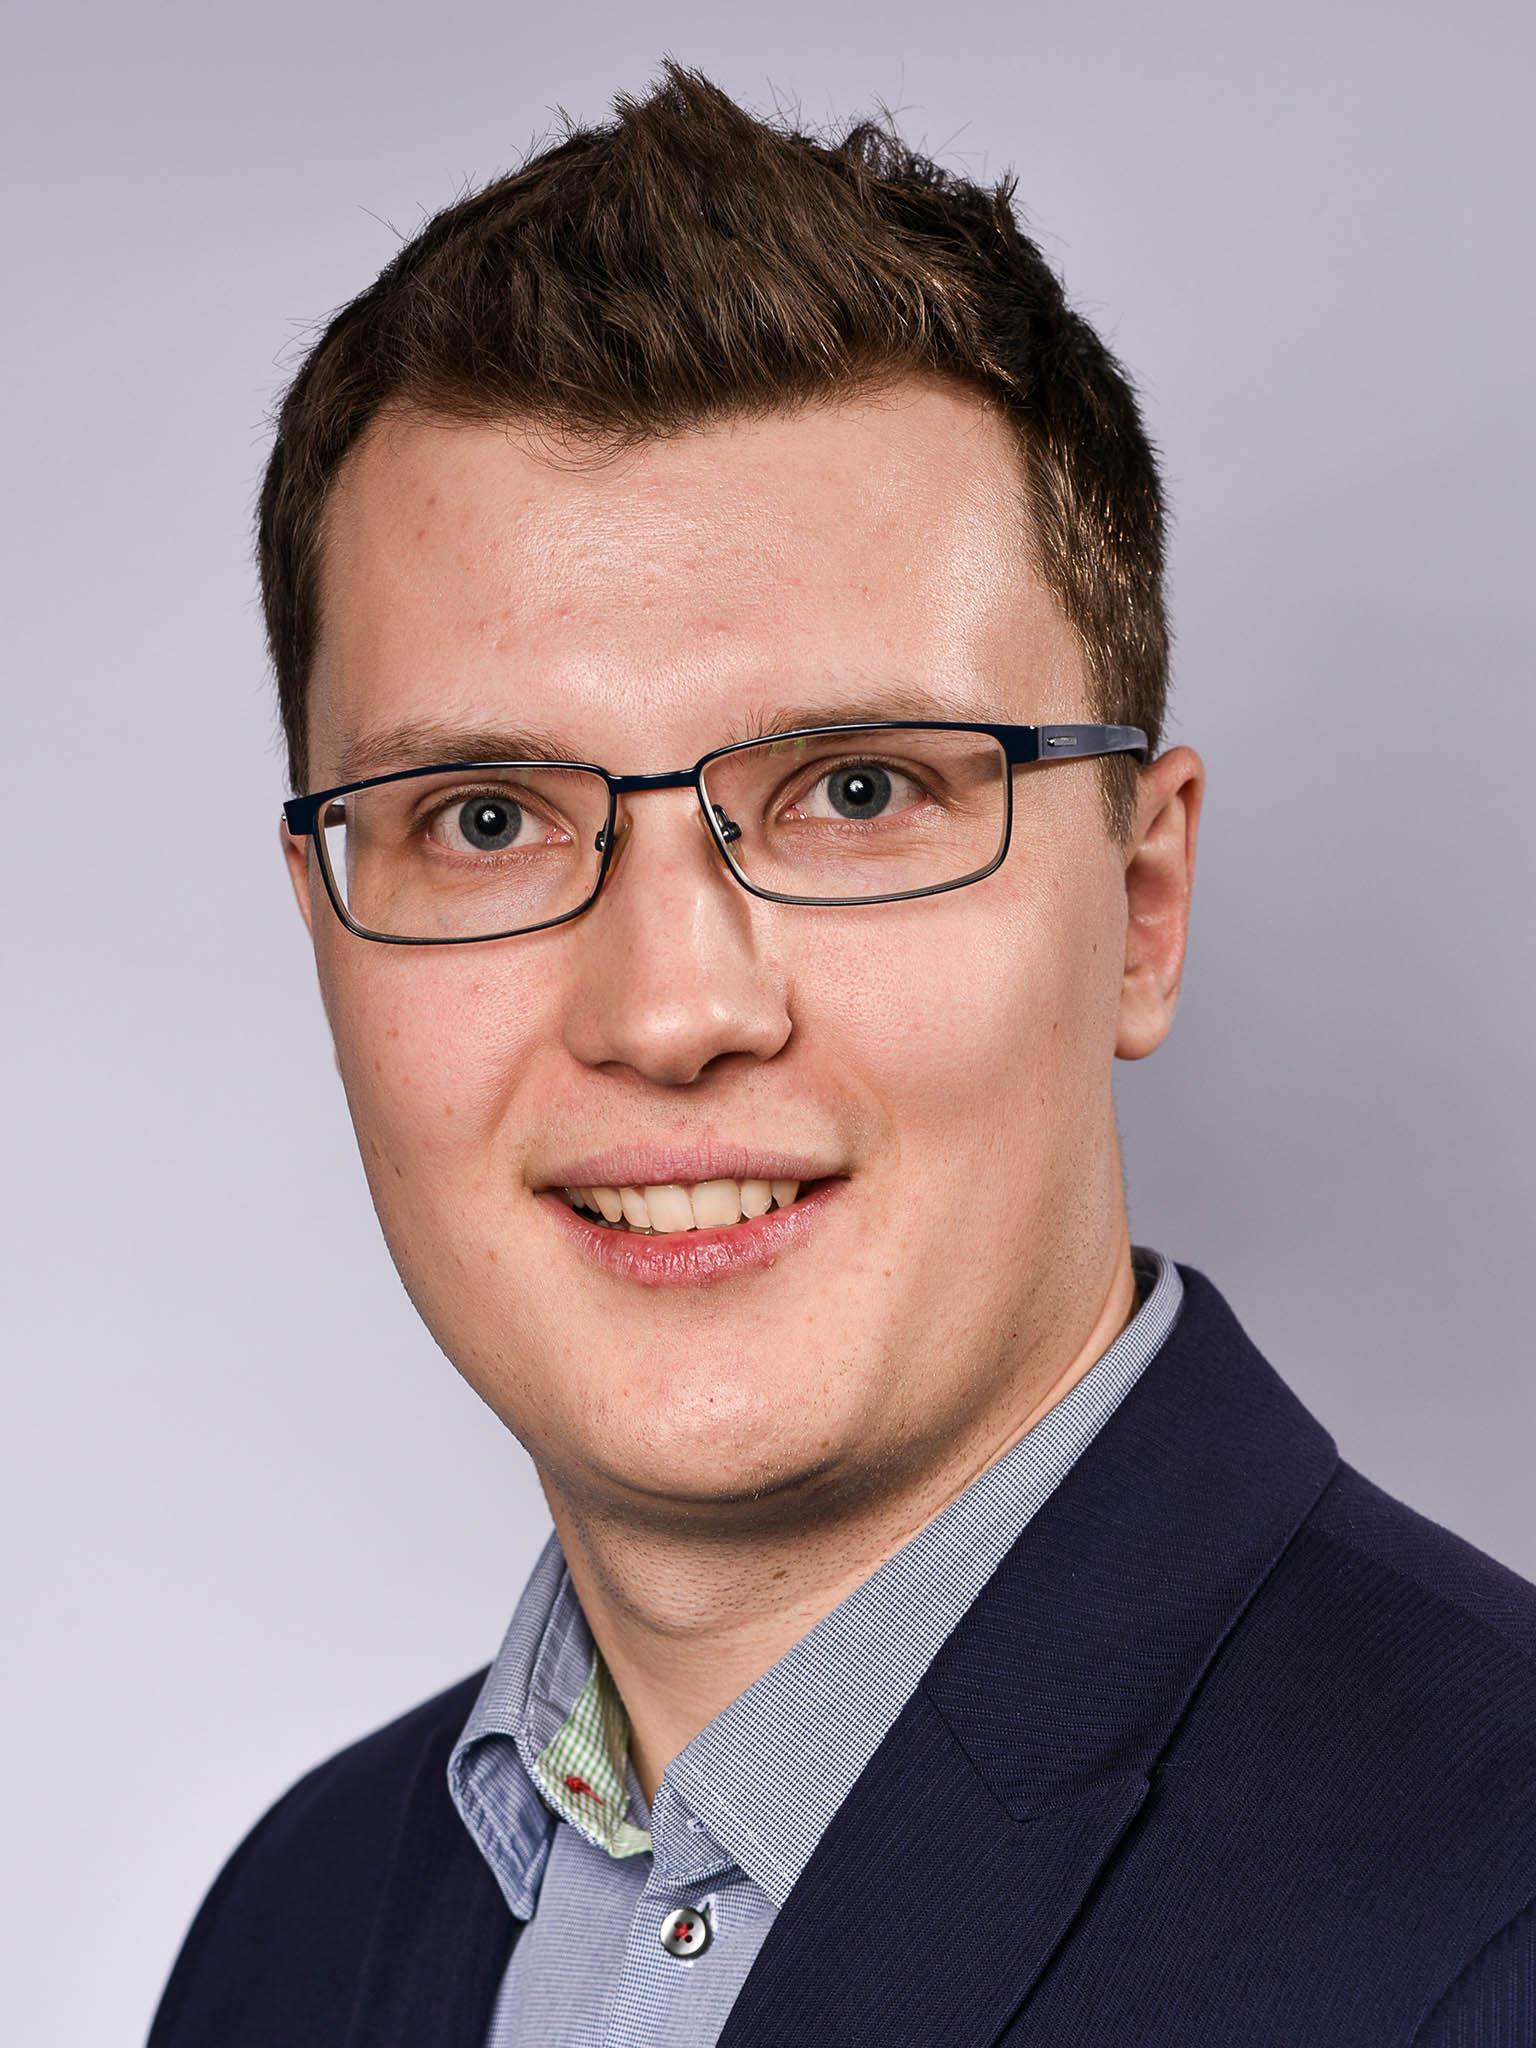 Jakub Pospíšil, ředitel pobočky prokorporátní klienty, Praha